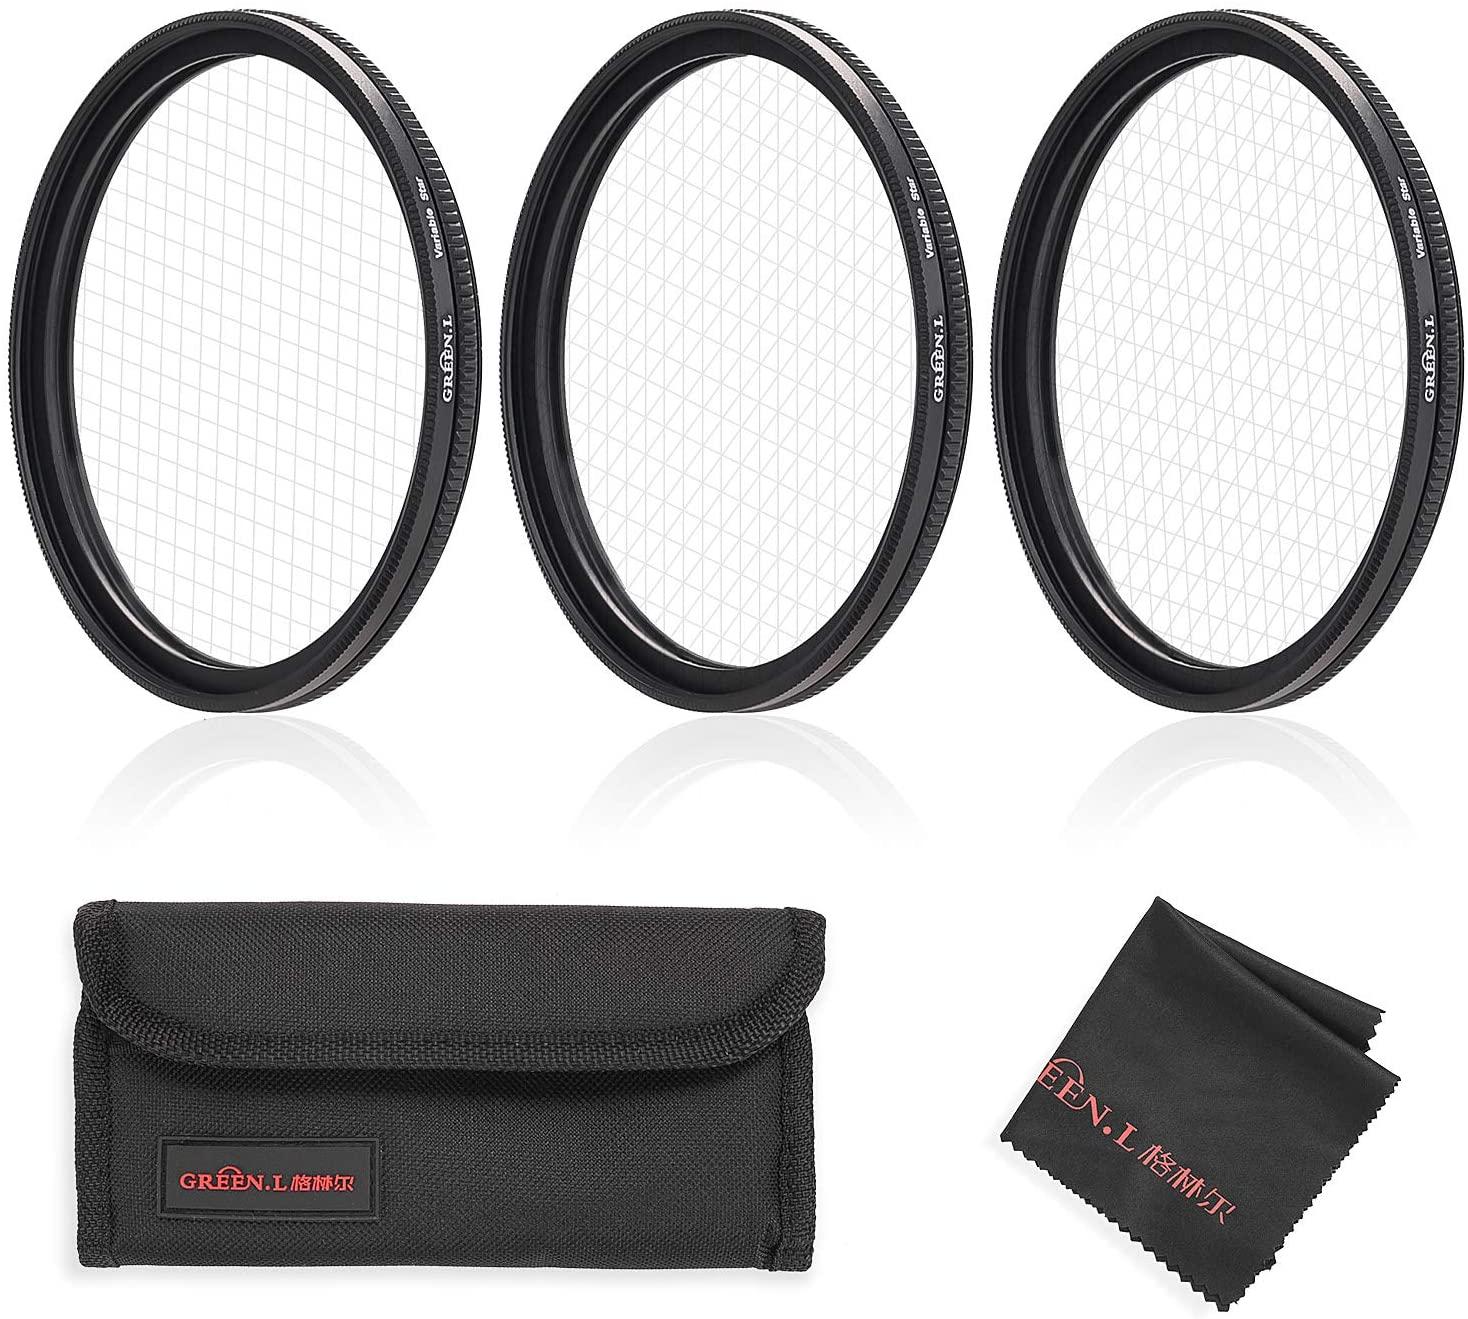 GREEN.L Star Filter Set 67mm Adjustable 4 Points 6 Points 8 Points Slim Star Filter with Filter Pouch Cleaning Coth